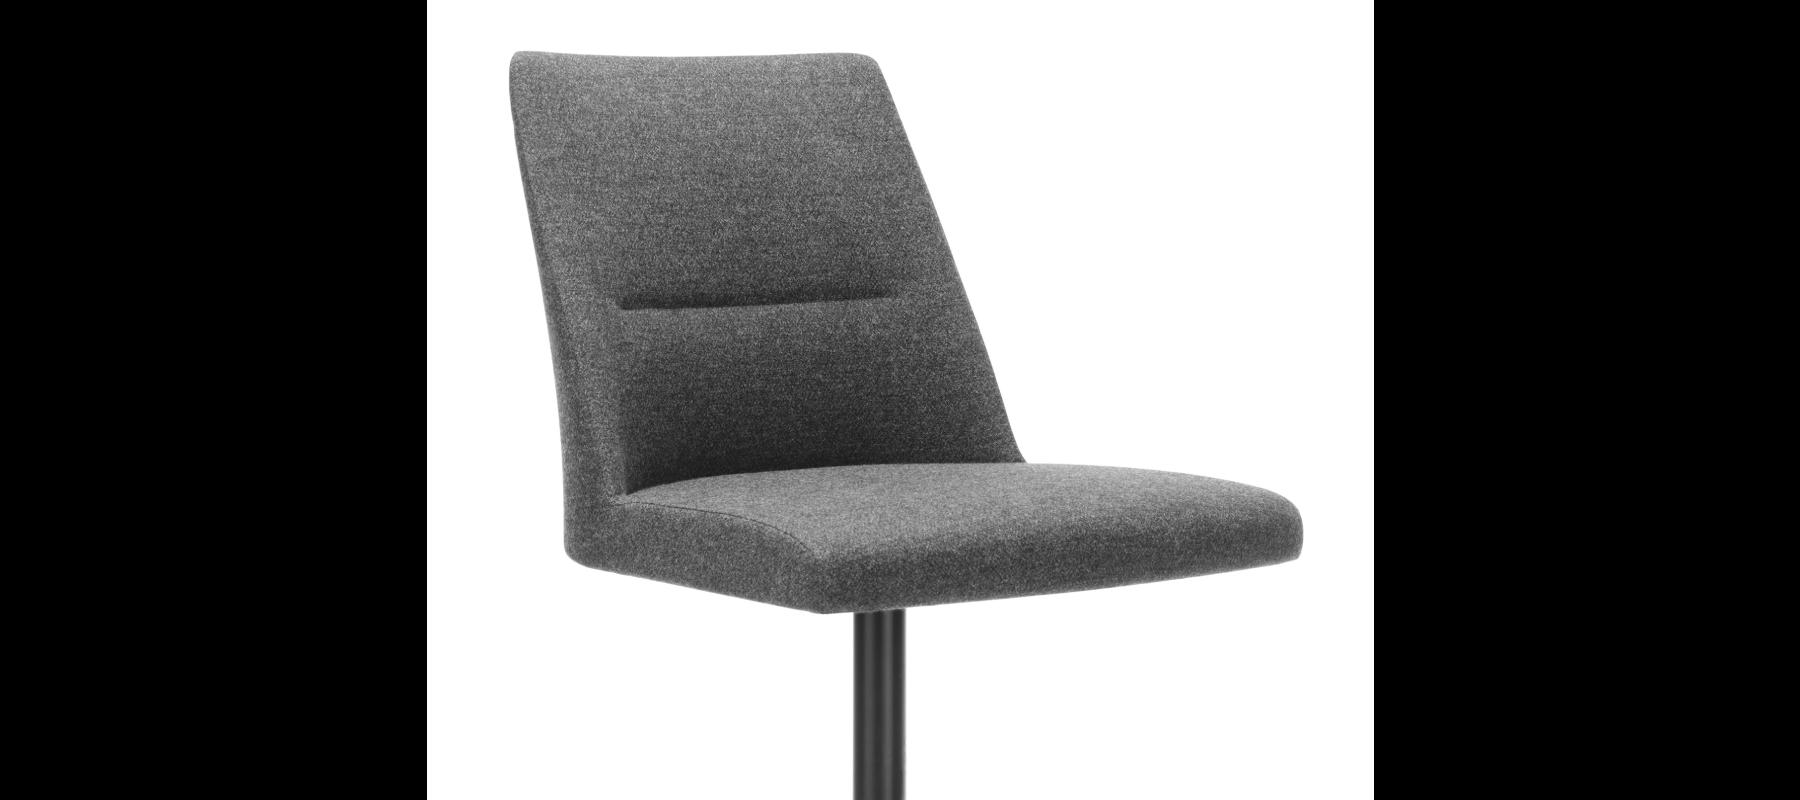 krzesła stacjonarne chic detale - 02